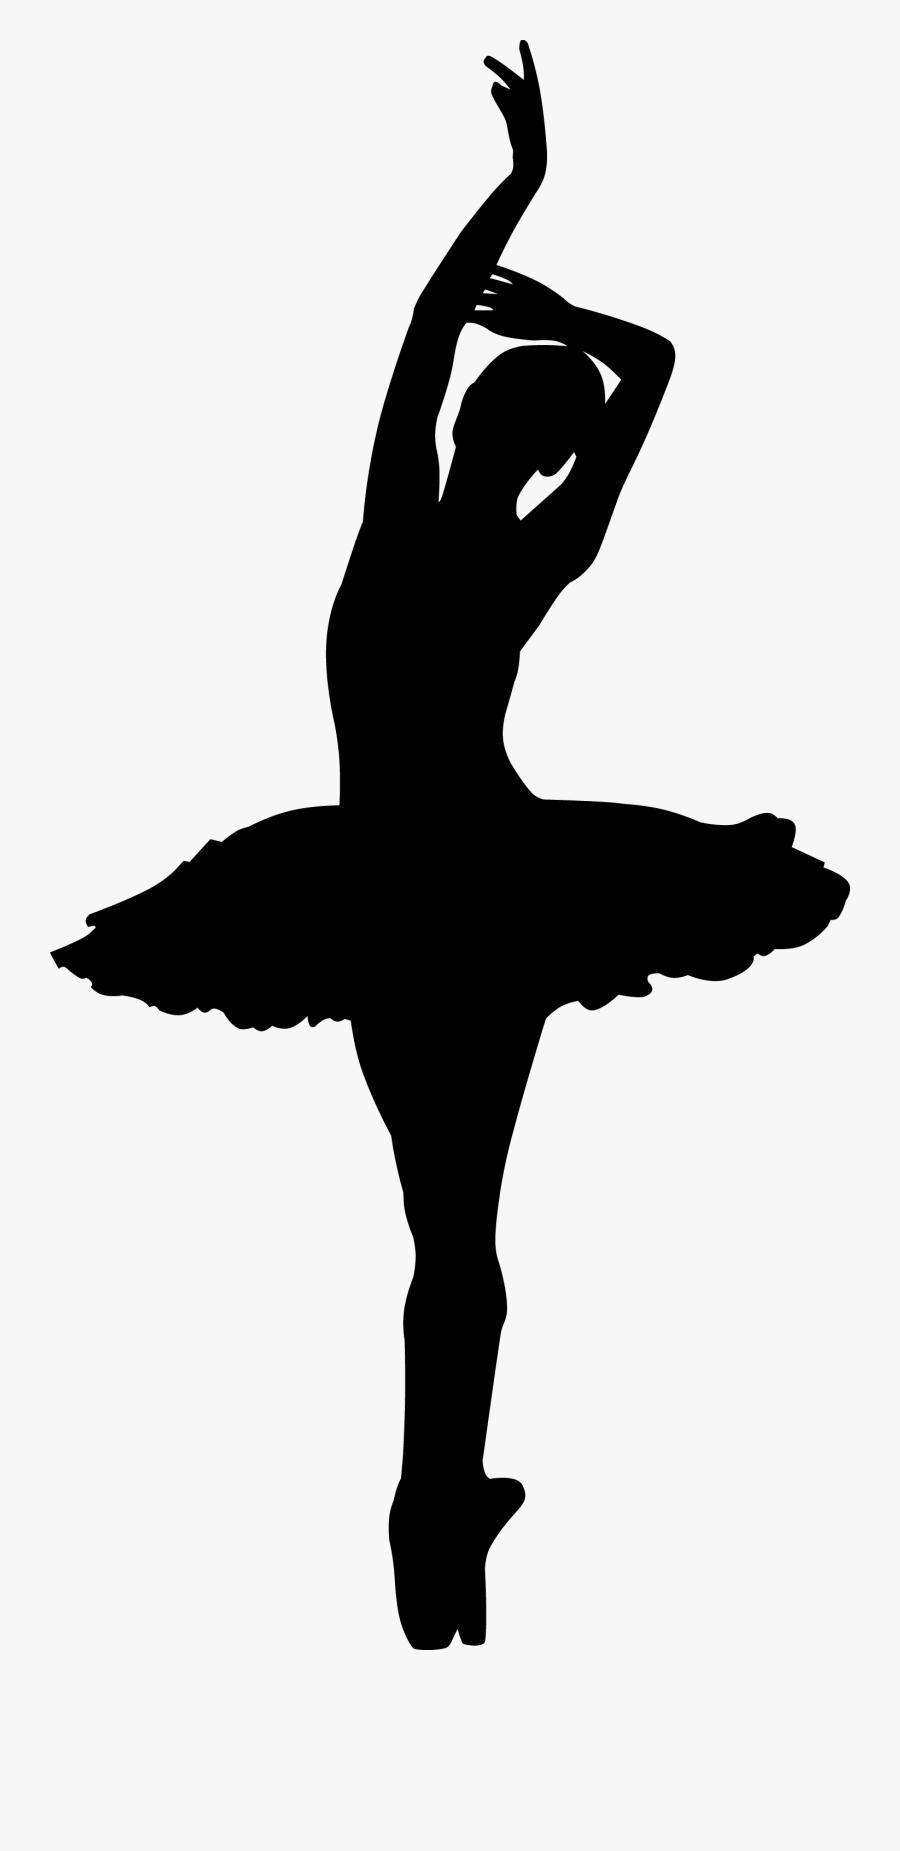 Pointe Ballet Dancer Silhouette, Transparent Clipart